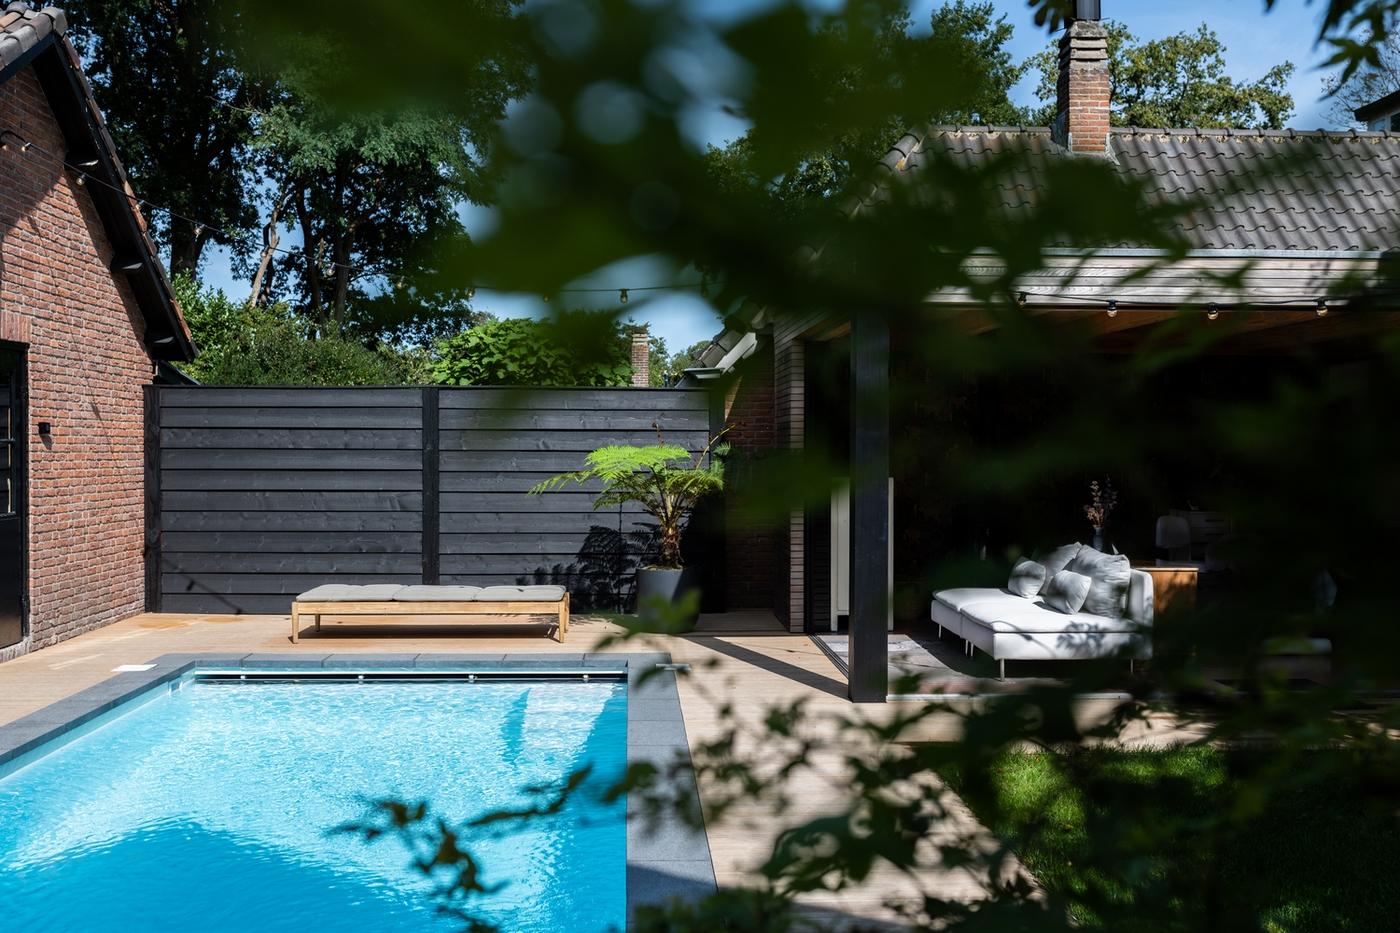 Inbouw zwembad in een mooie compacte tuin